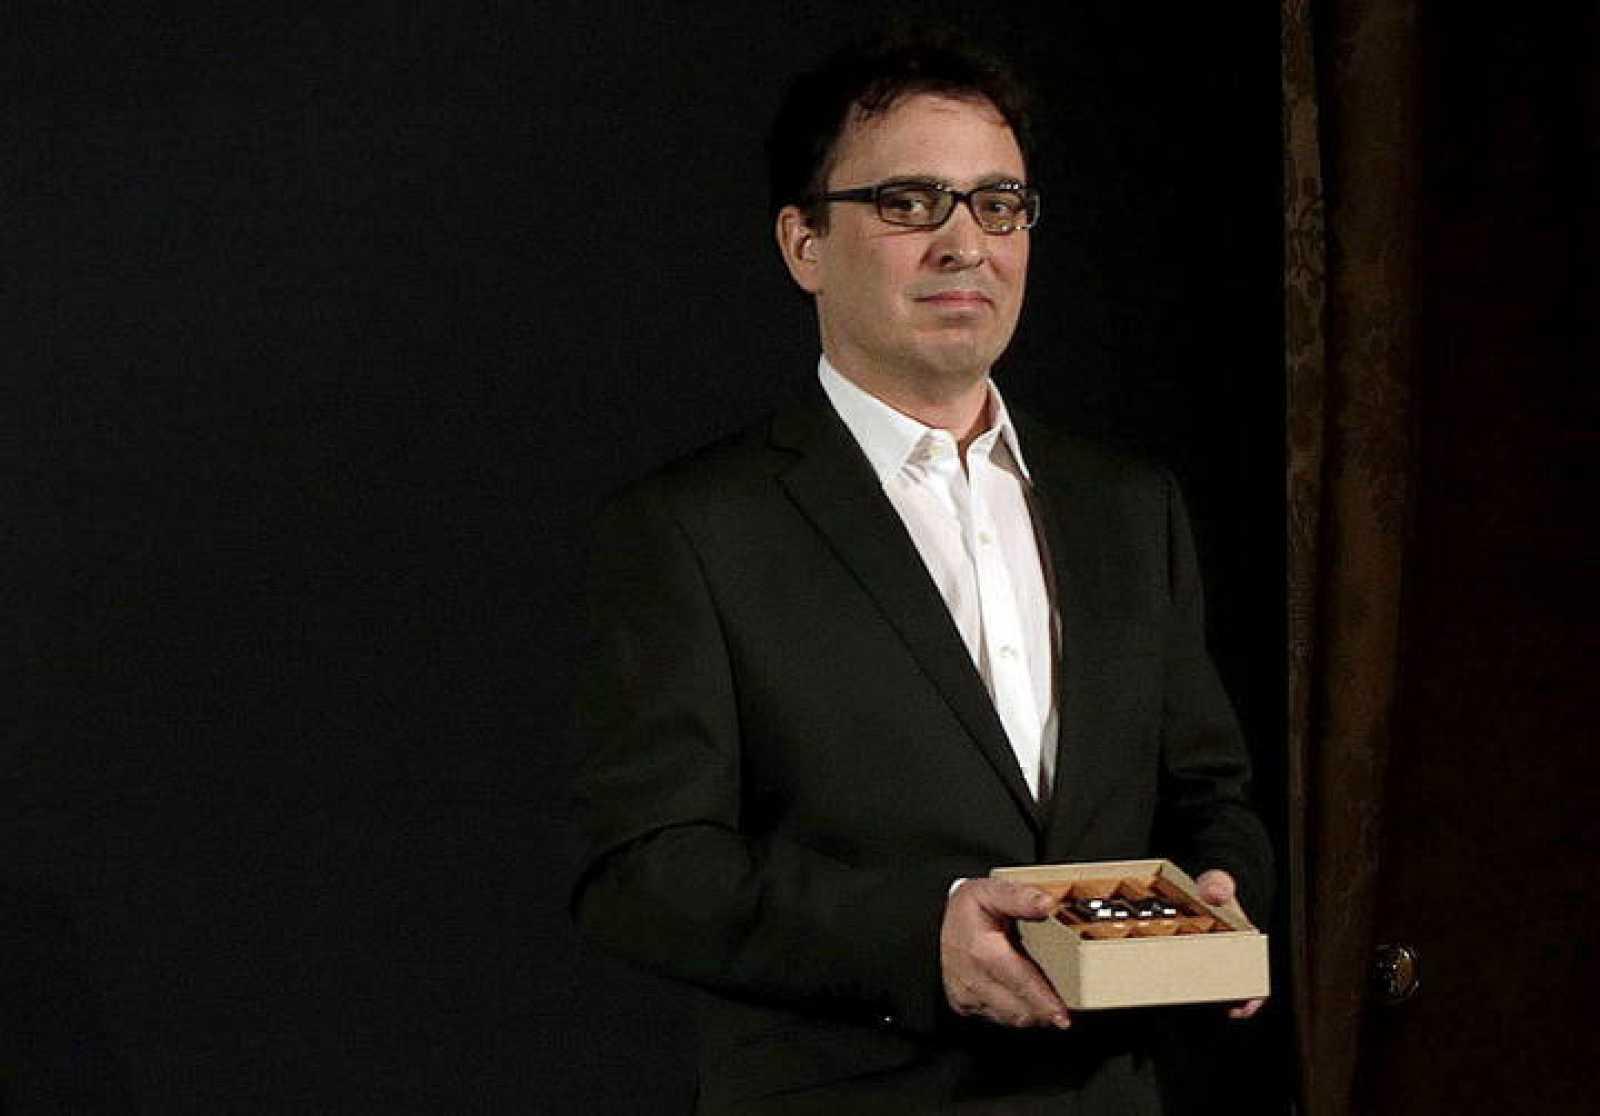 El escritor zamorano José C. Vales, ganador del premio Nadal 2015 con su novela 'Cabaret Biarritz'.